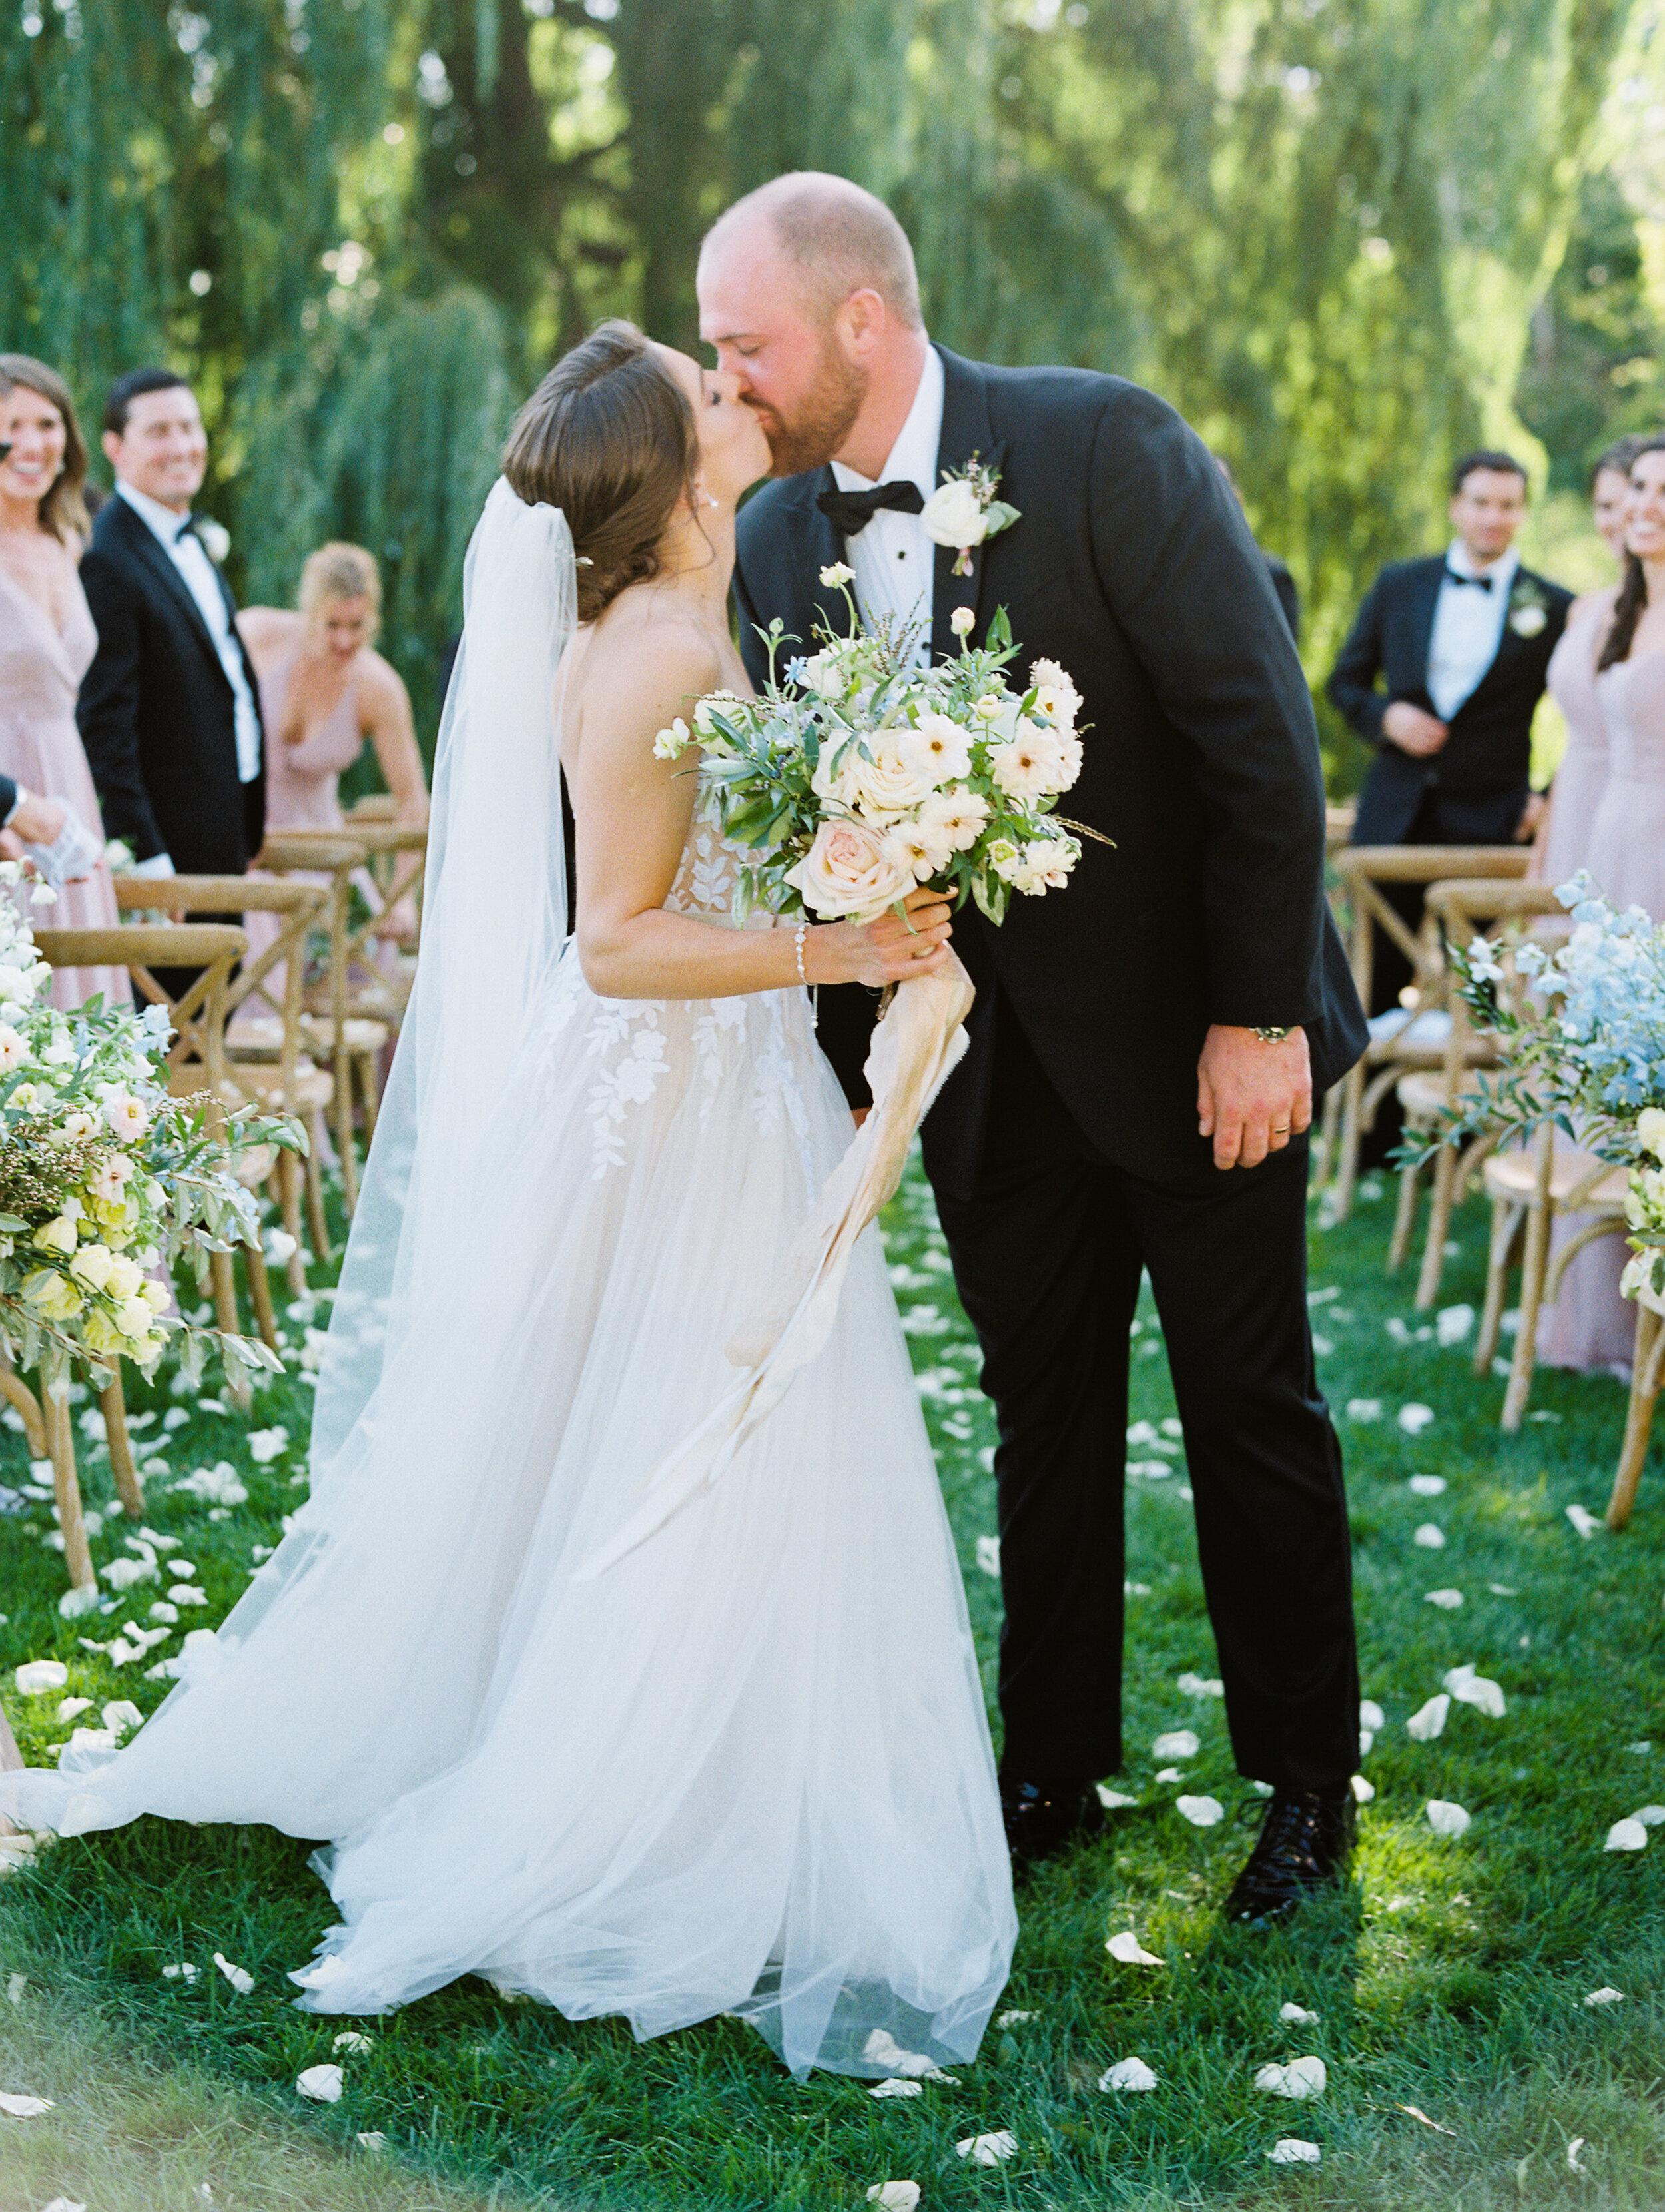 Steinlage+Wedding+Ceremony-278.jpg